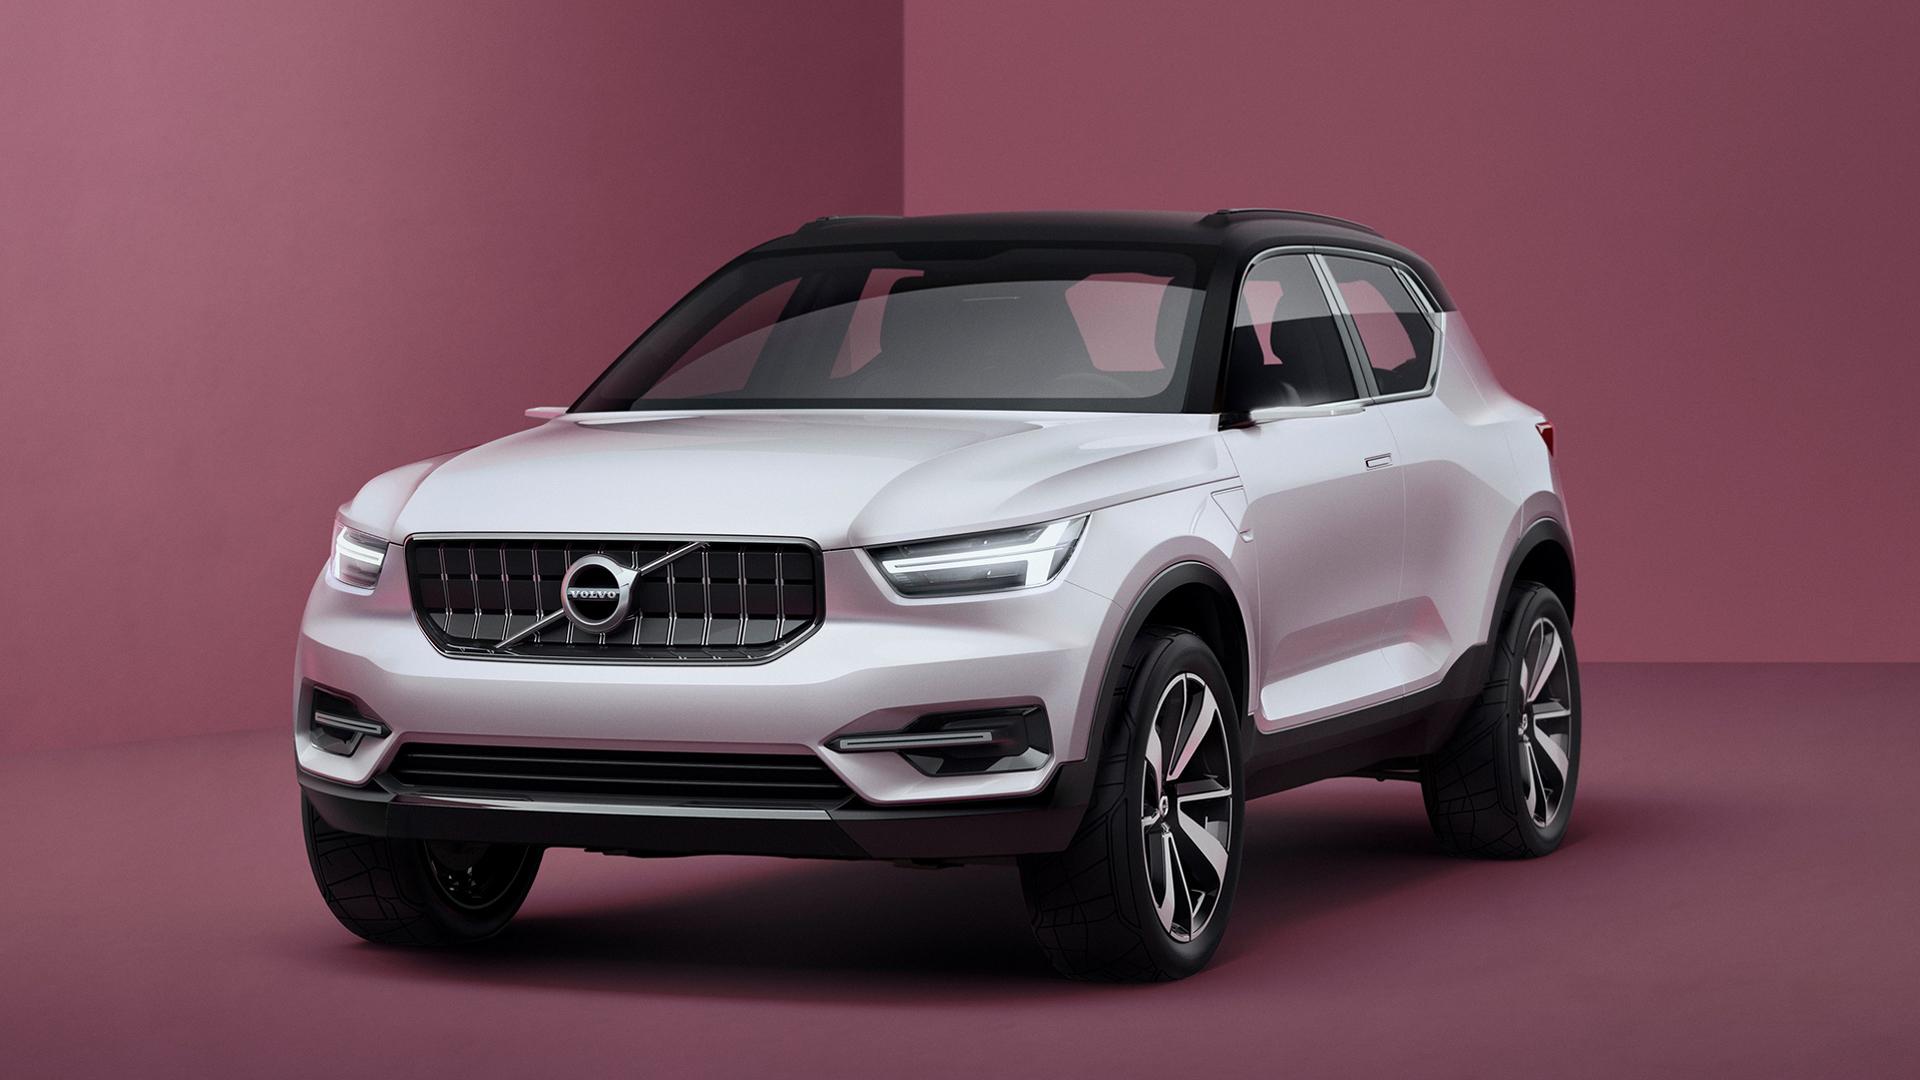 Volvo won't go below 40-series models